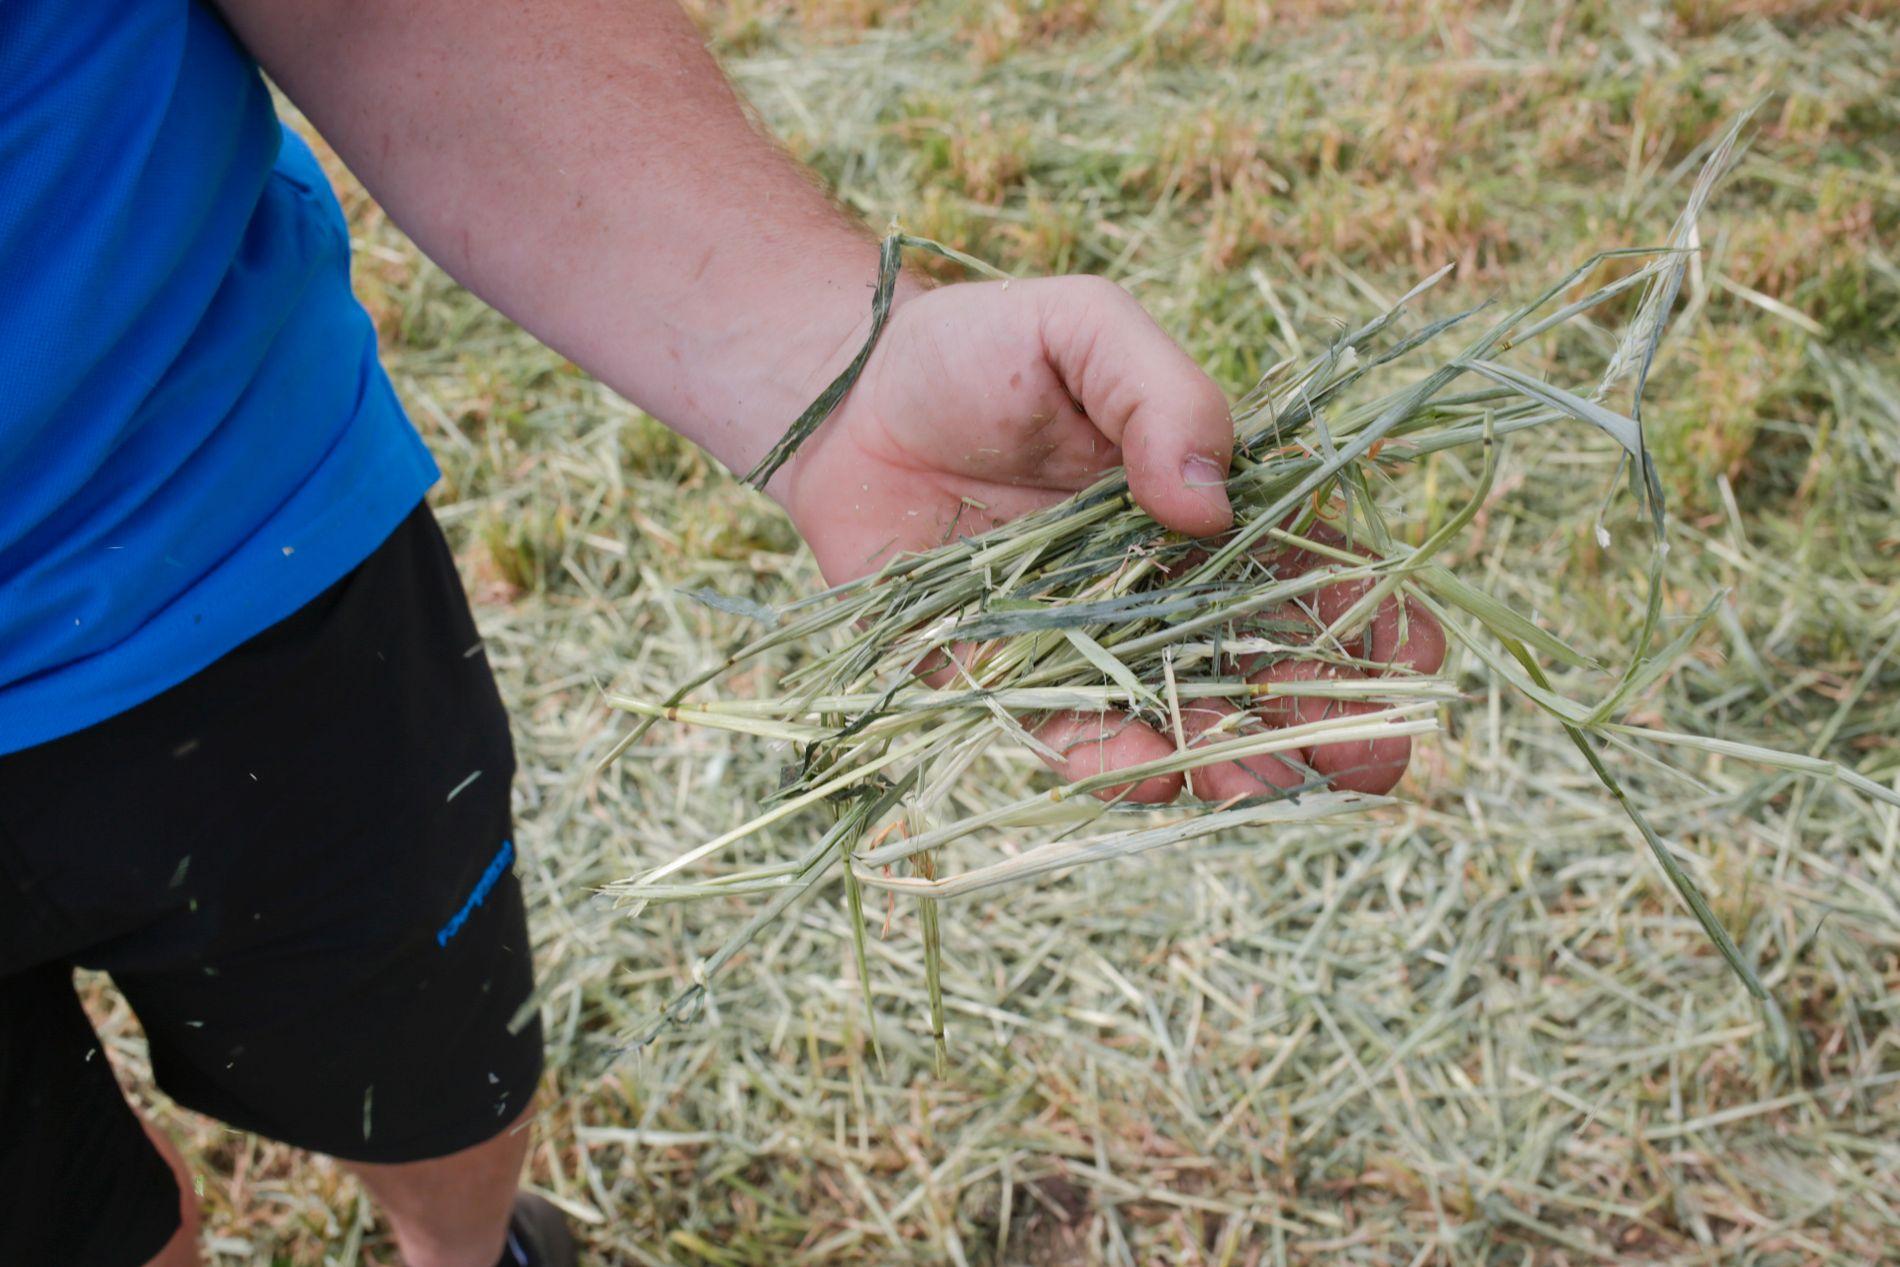 KORN TIL FÔR: Bønder har vært nødt til å slå korn for å fôre dyra sine. Bjørn Sætren på Løten er en av dem.